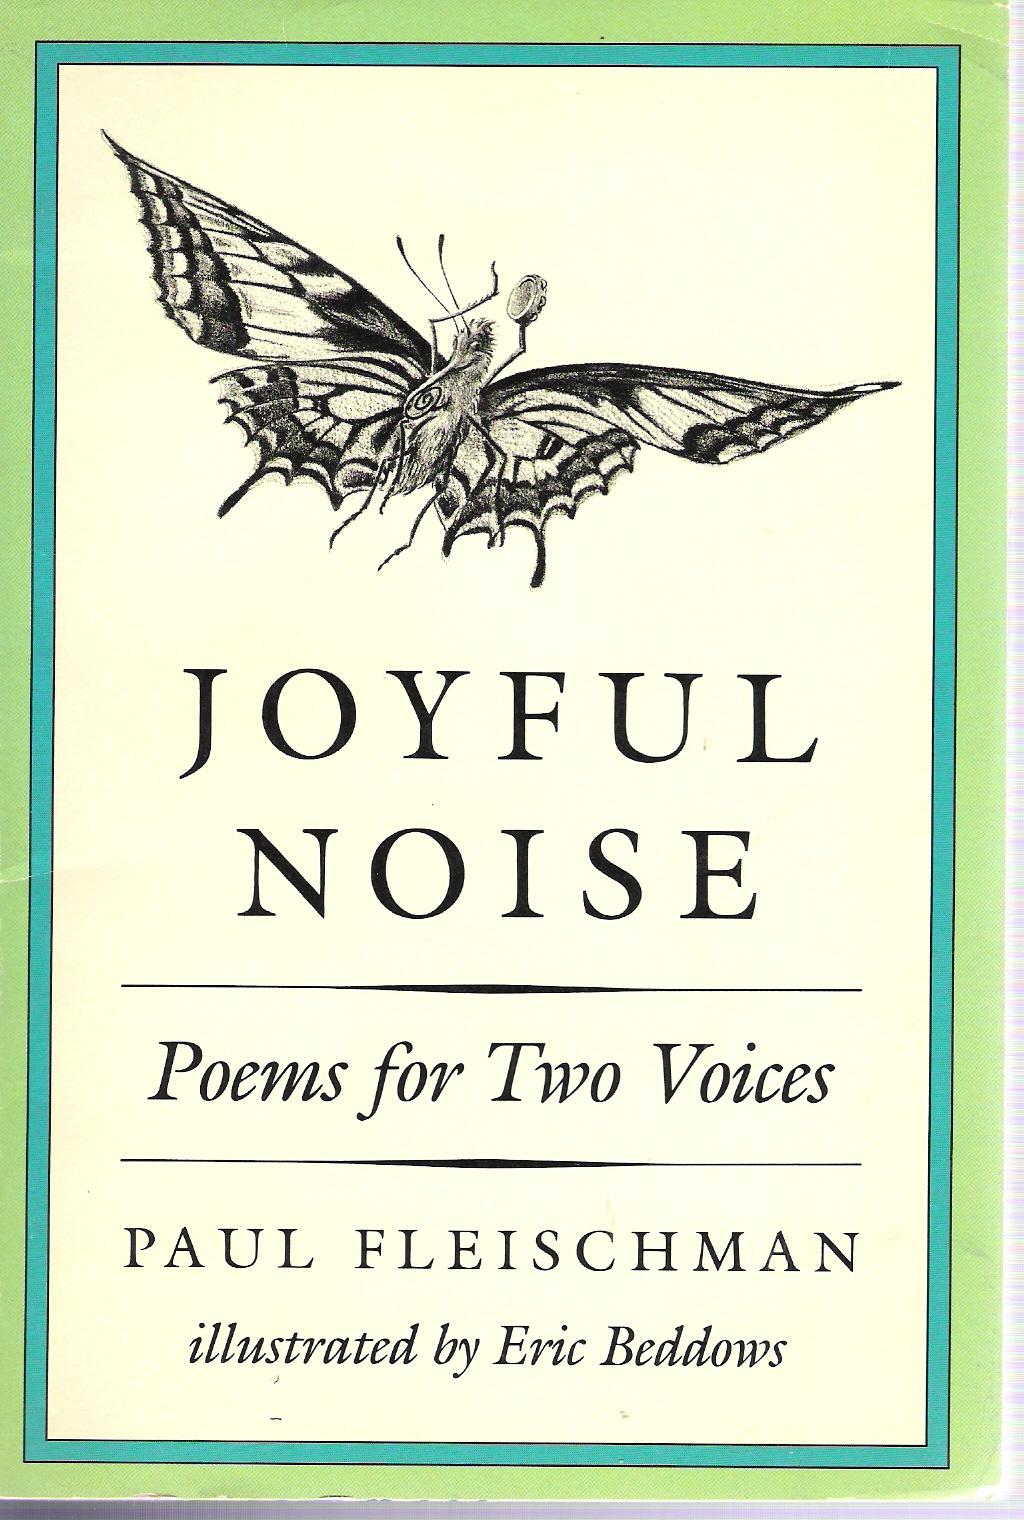 joyful_noise.jpg